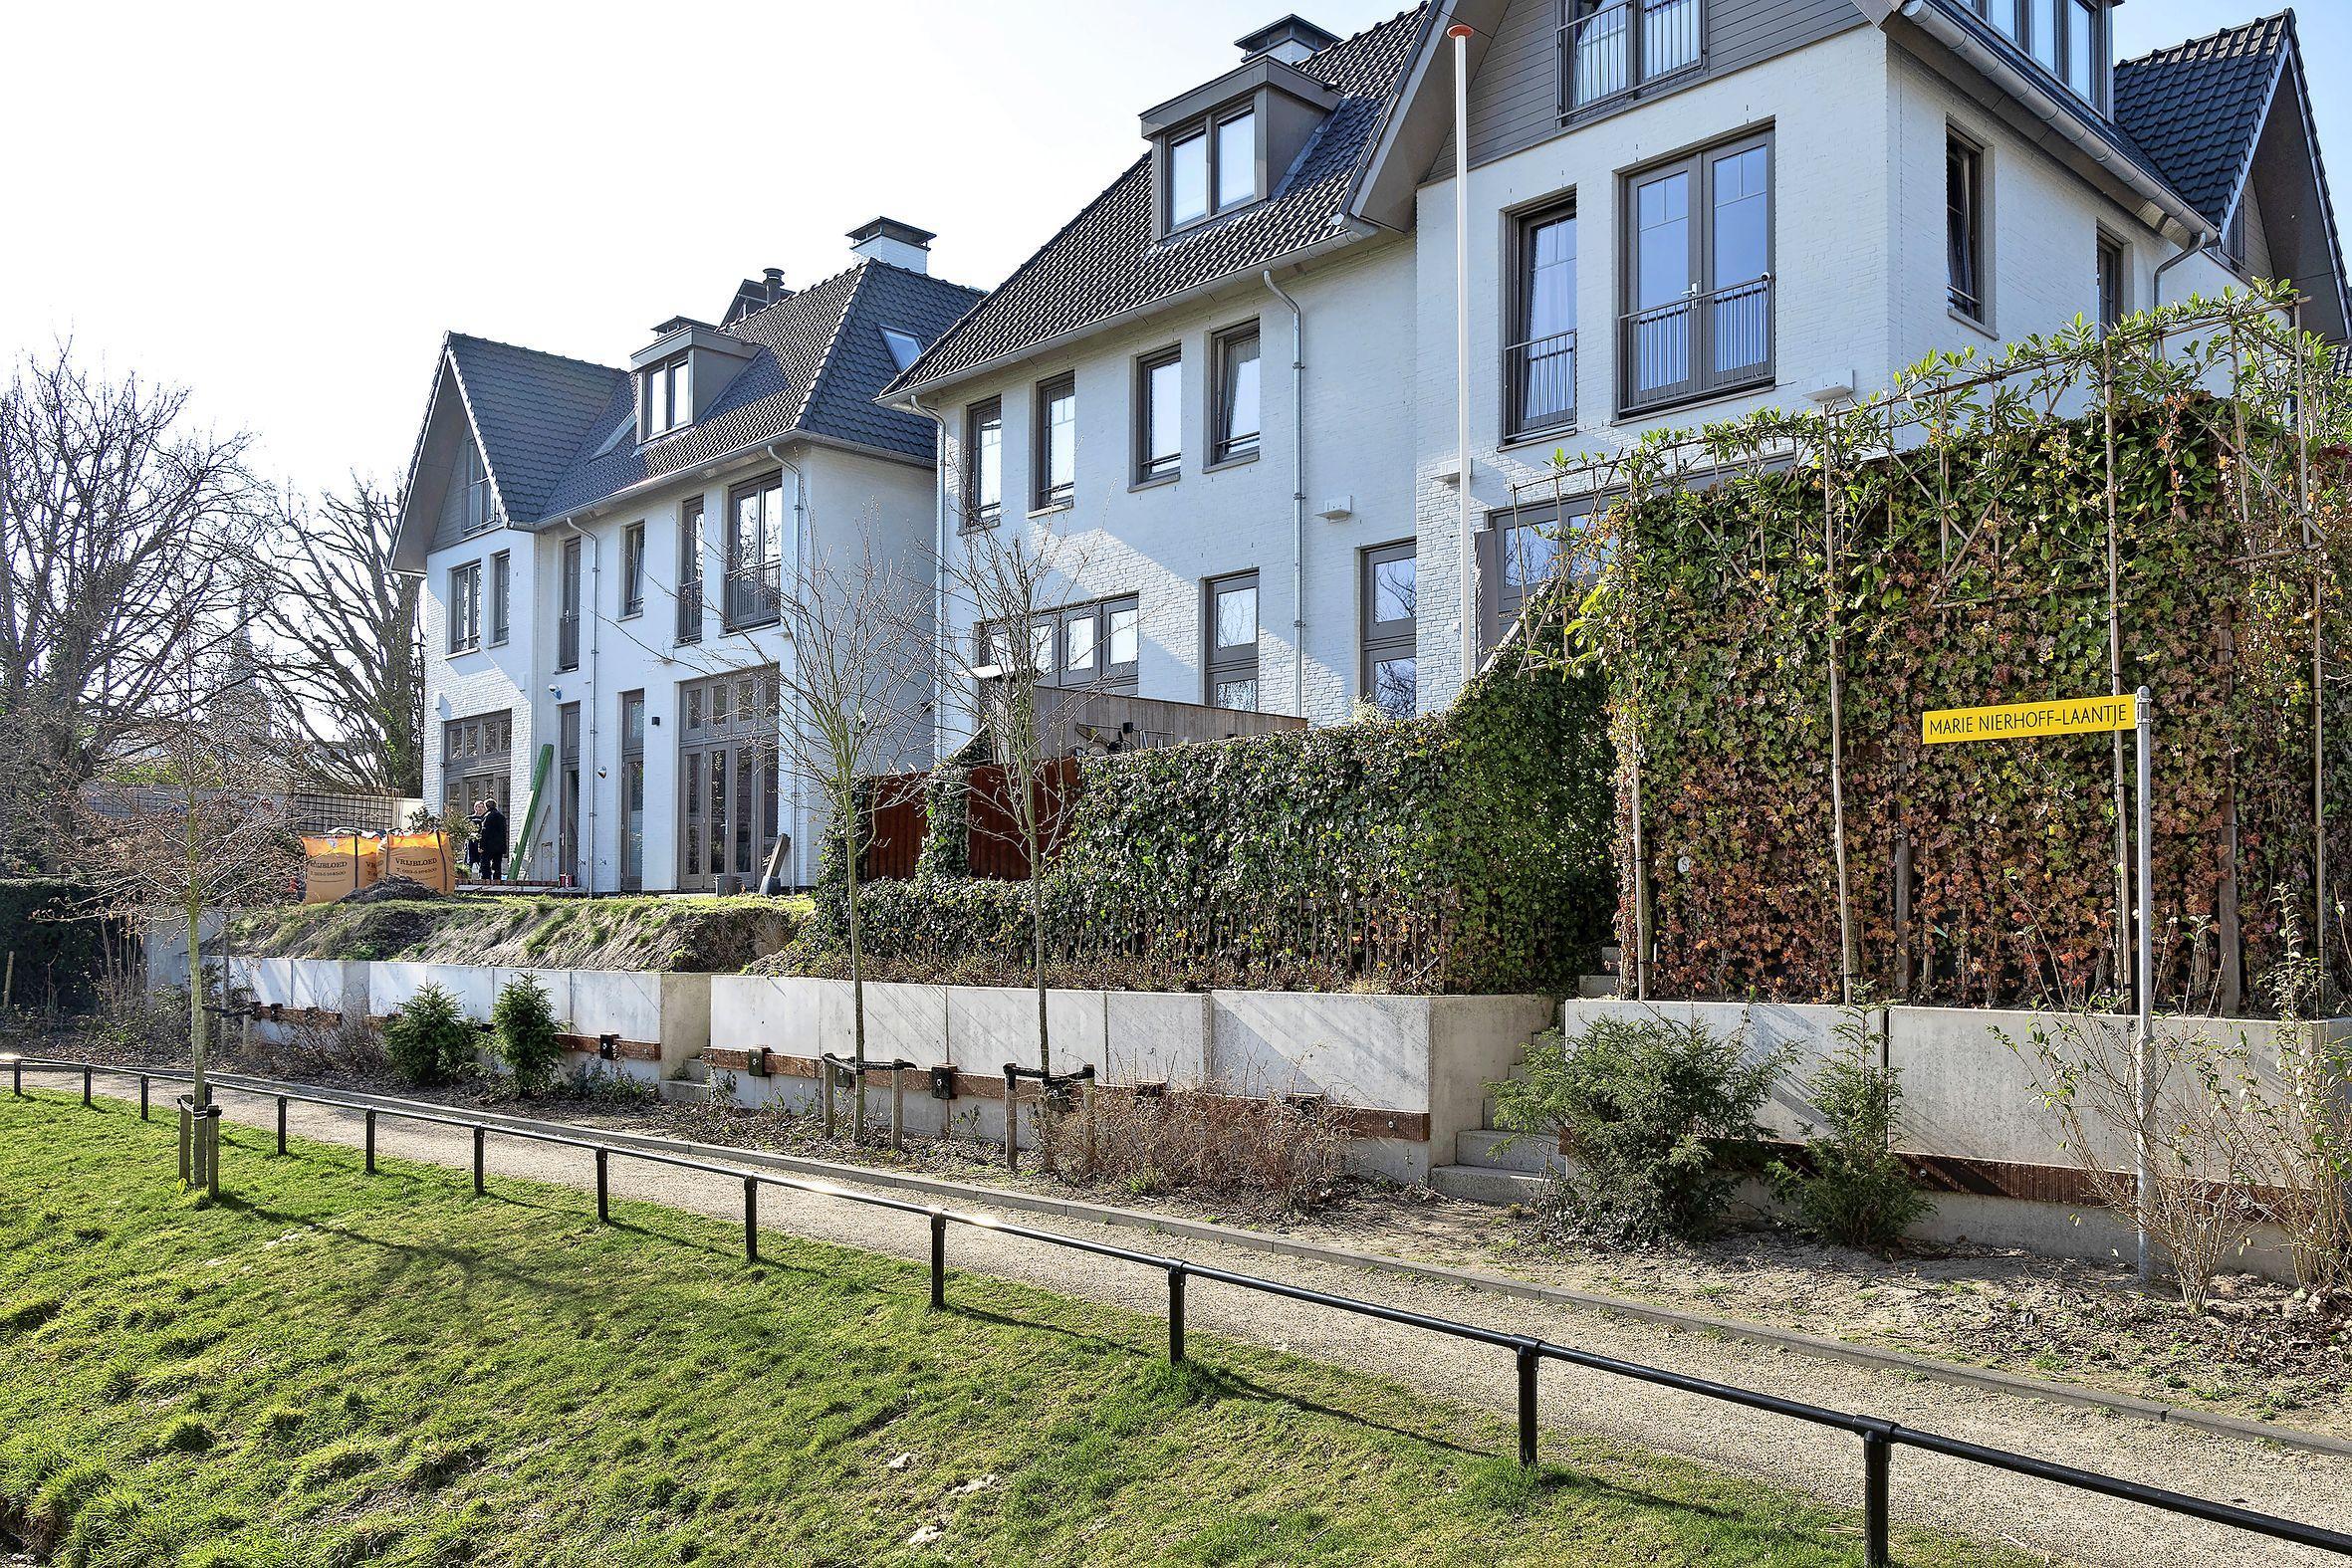 Geen raadsenquête naar bouw Bijduinhof in Bloemendaal. 'De buurt heeft rust nodig. RUST met hoofdletters'